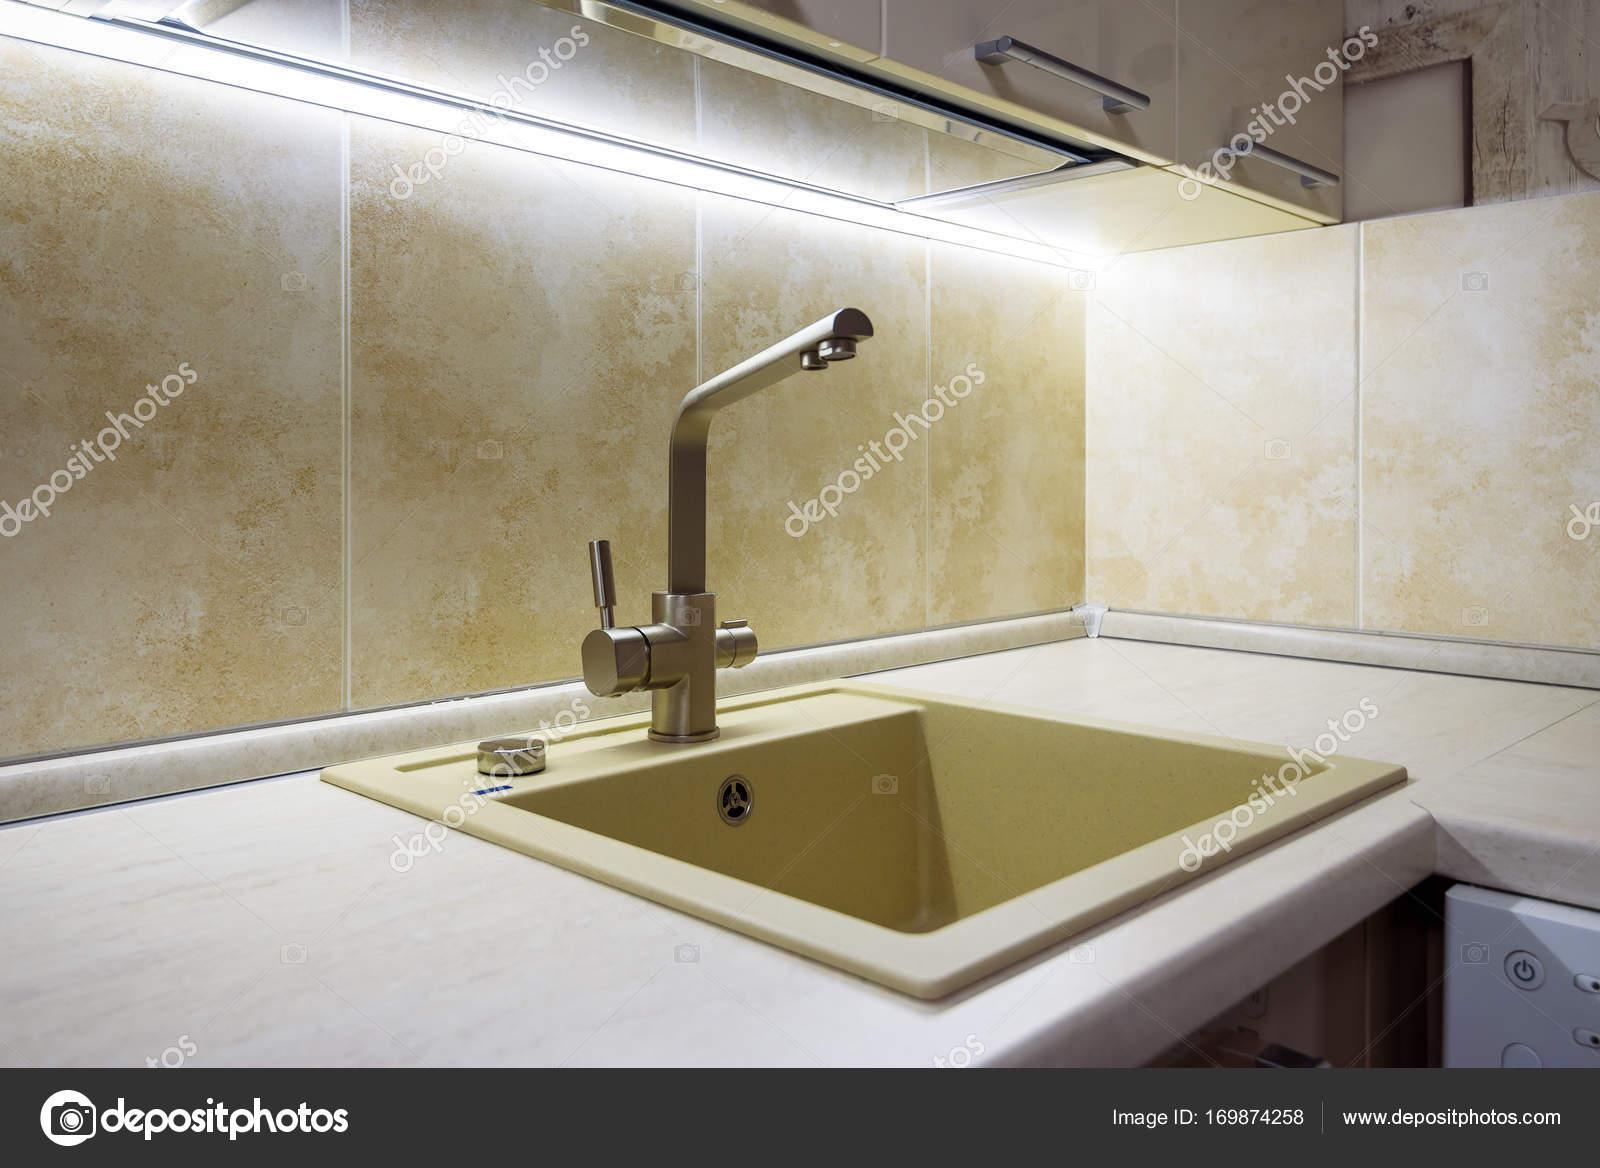 fregadero de cocina moderna — Fotos de Stock © scaliger #169874258